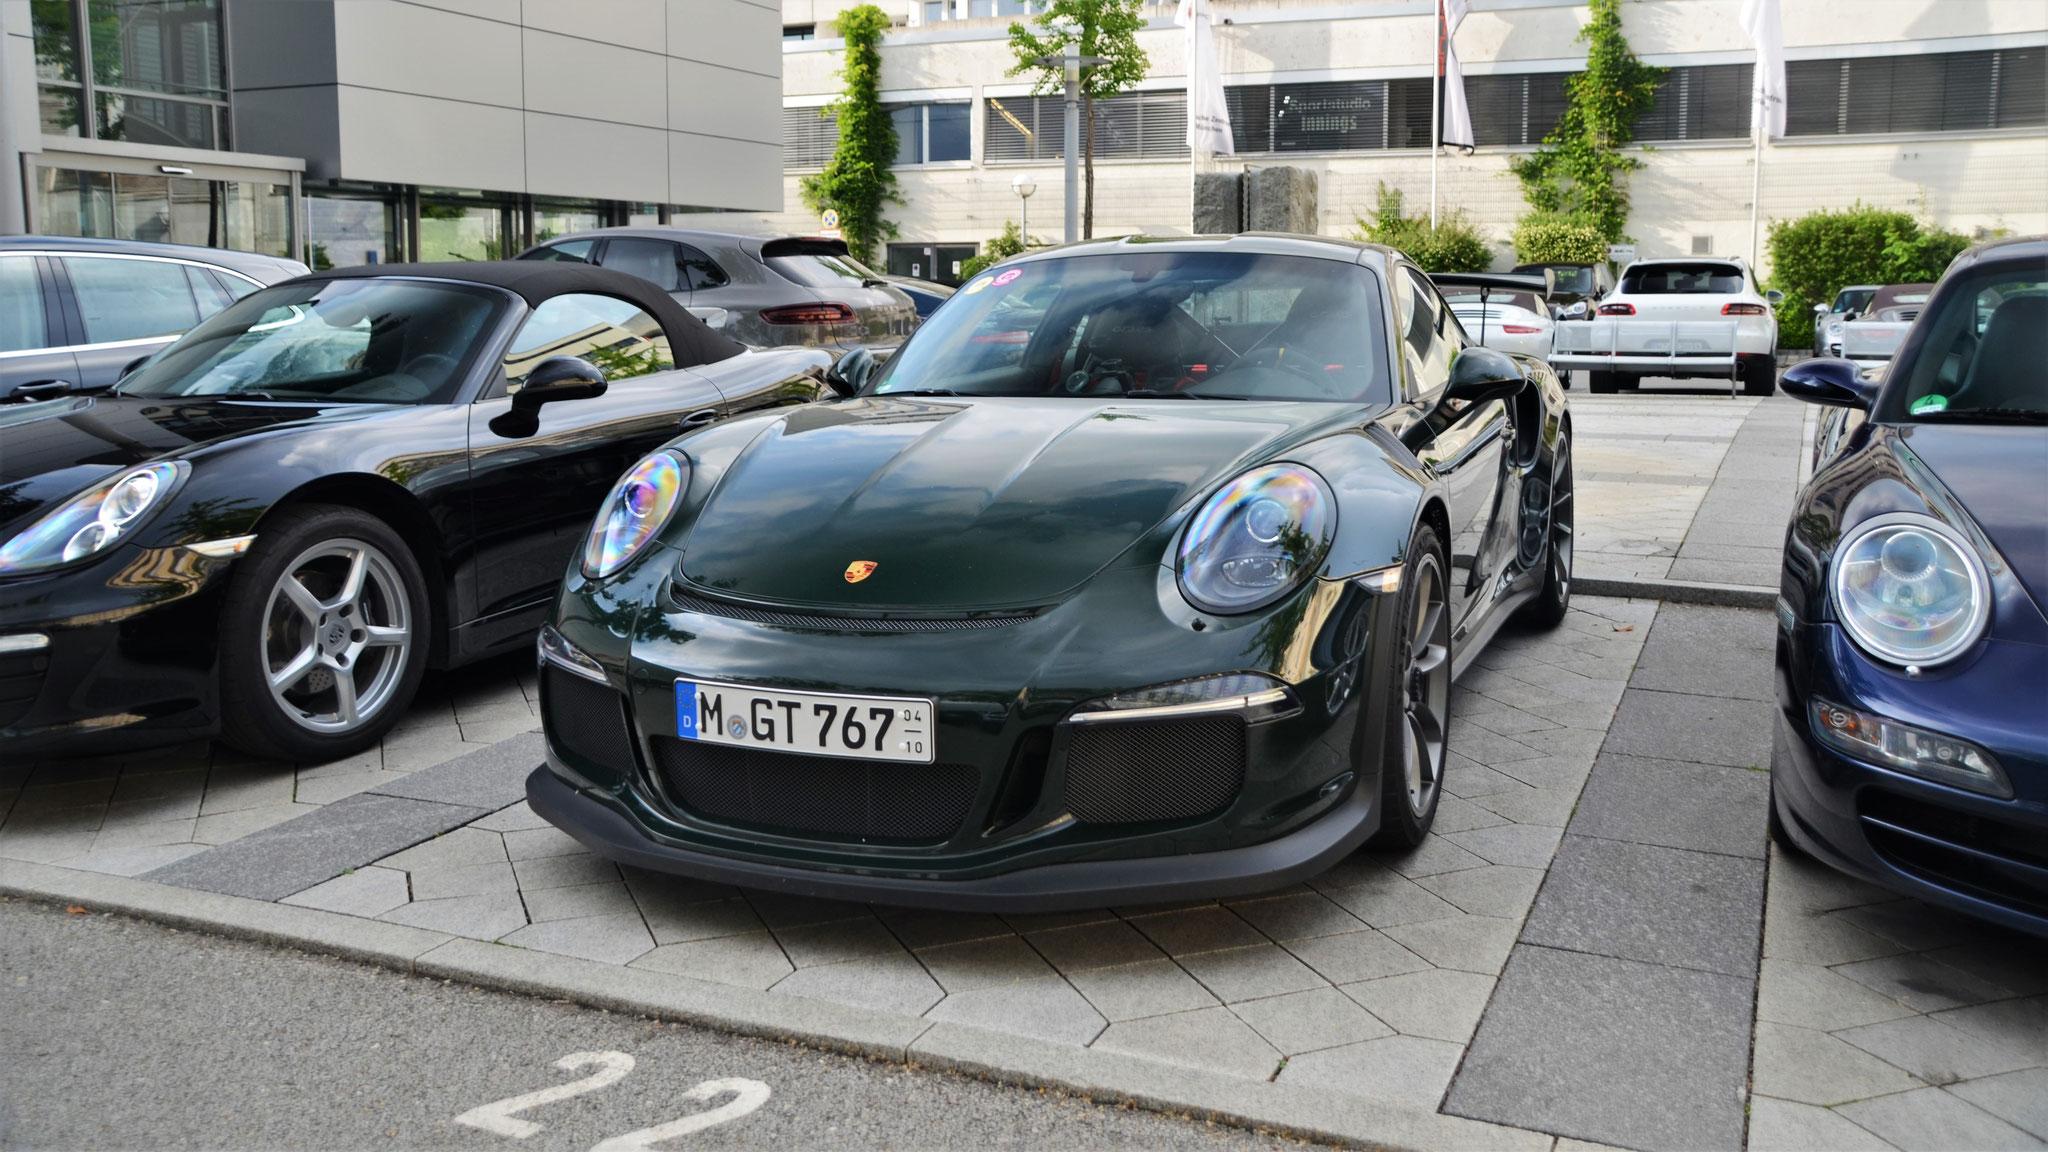 Porsche 911 GT3 RS - M-GT-767